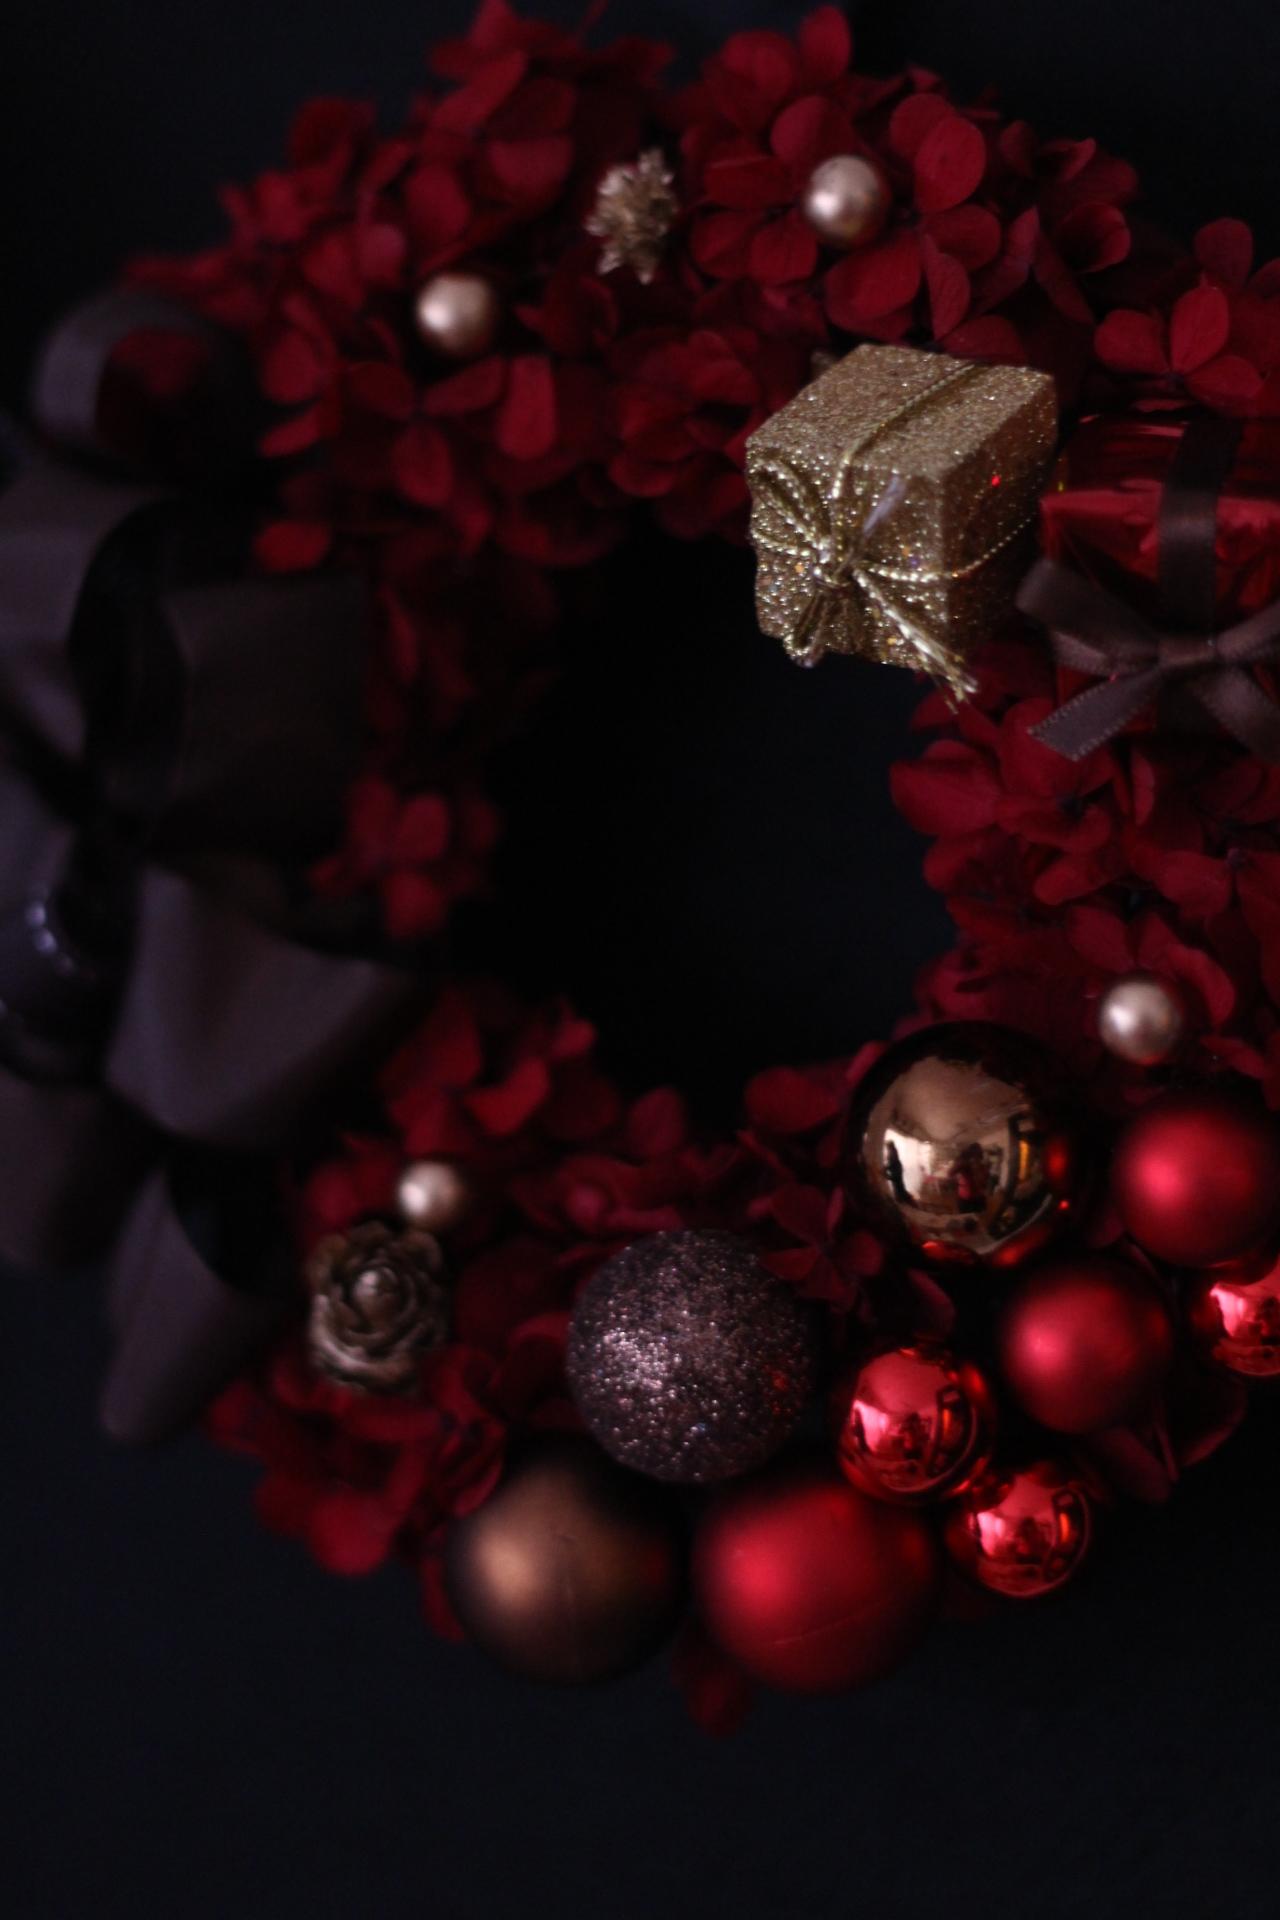 クリスマスリース レッド×ブラウン×ゴールド♪